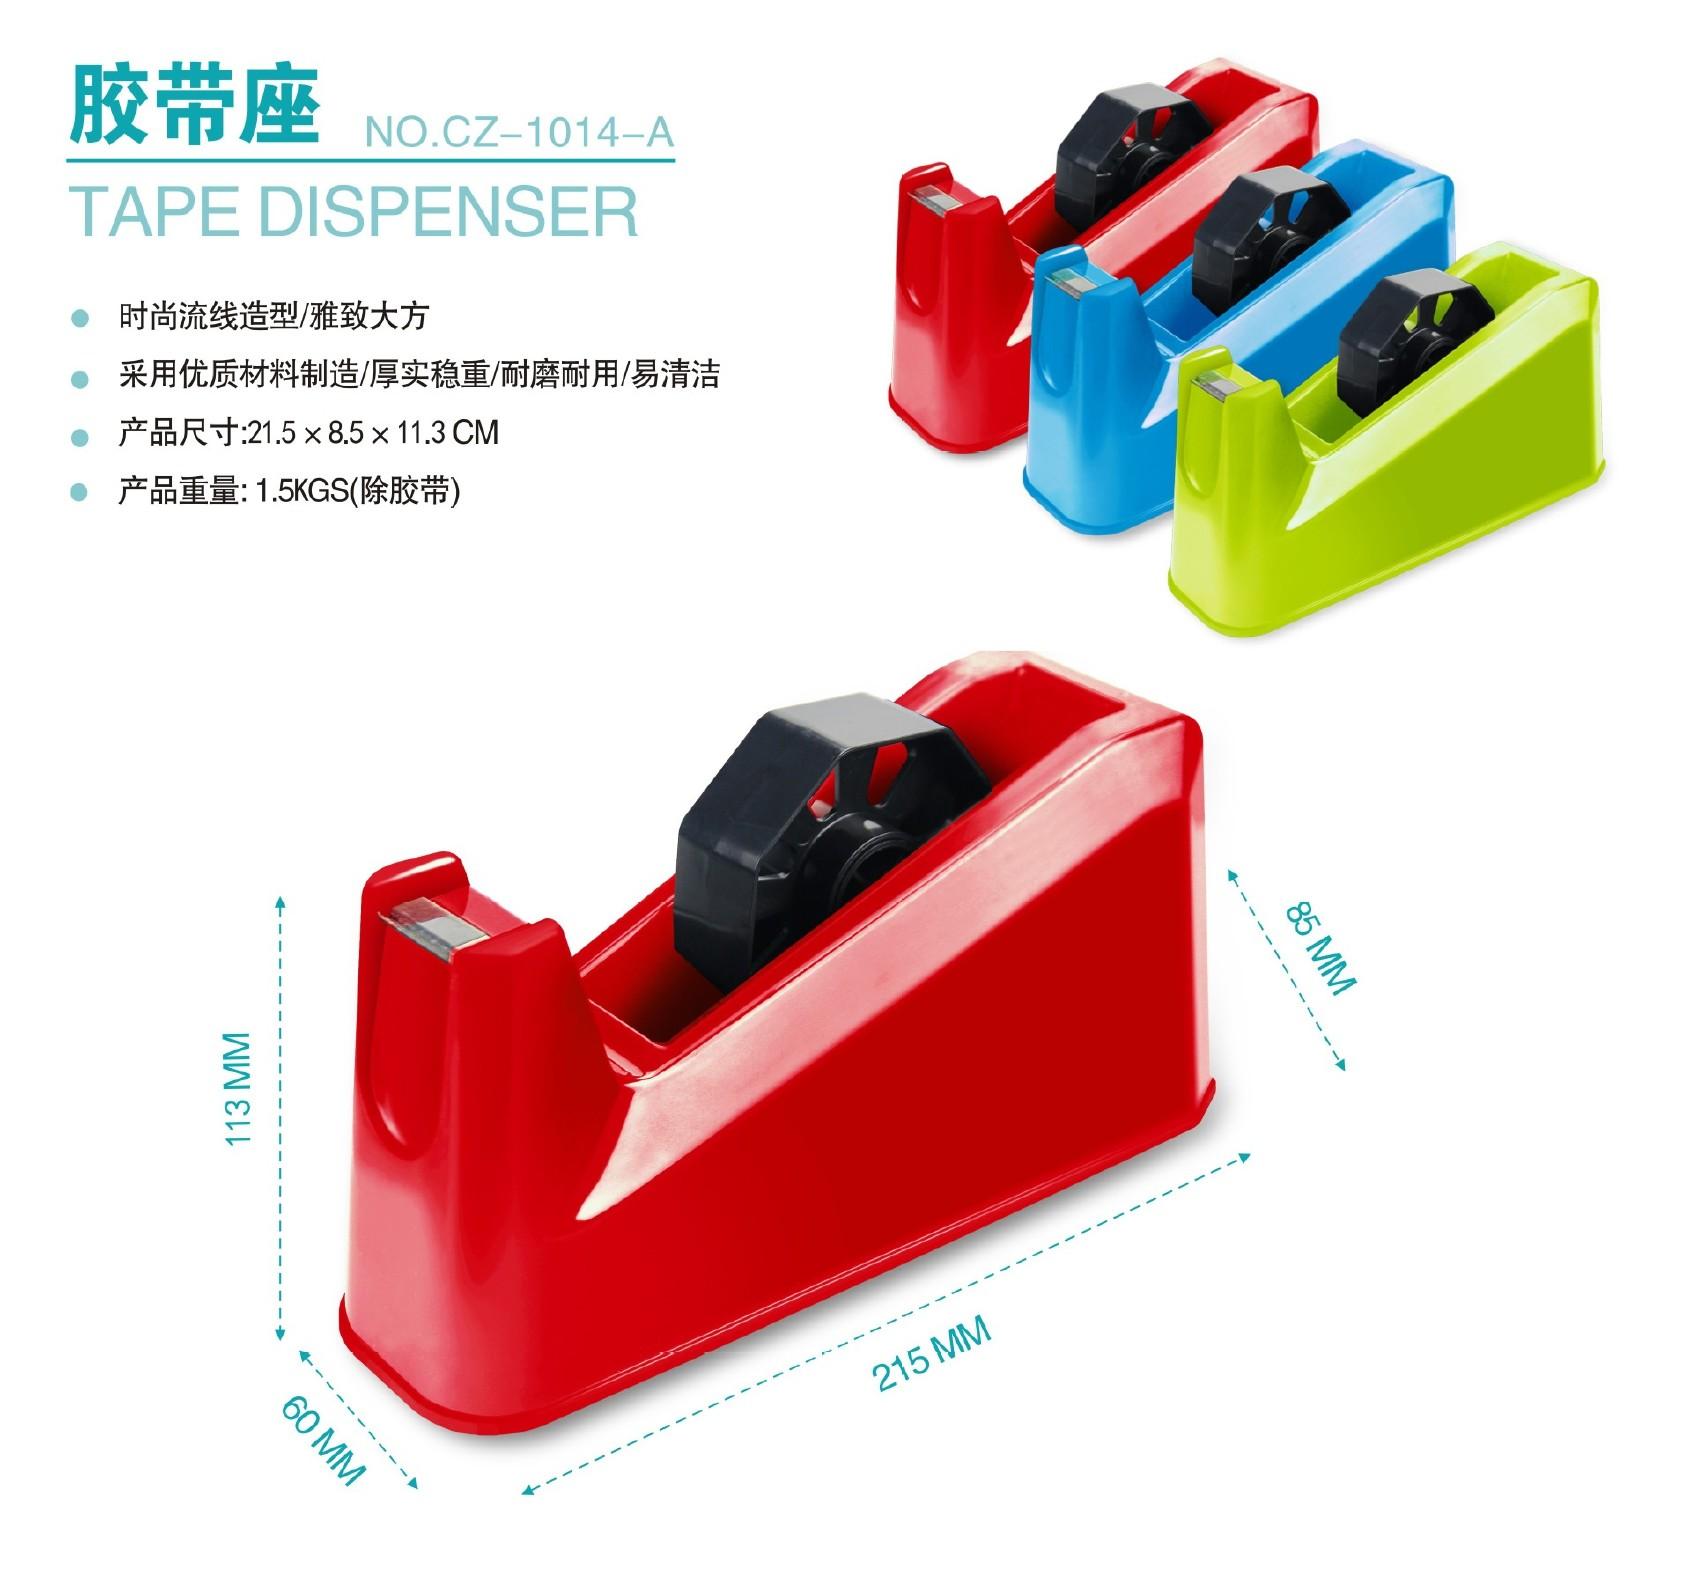 CZ-1014-A 封箱器胶带切割器大号水泥胶带座两用加重胶纸座示例图3